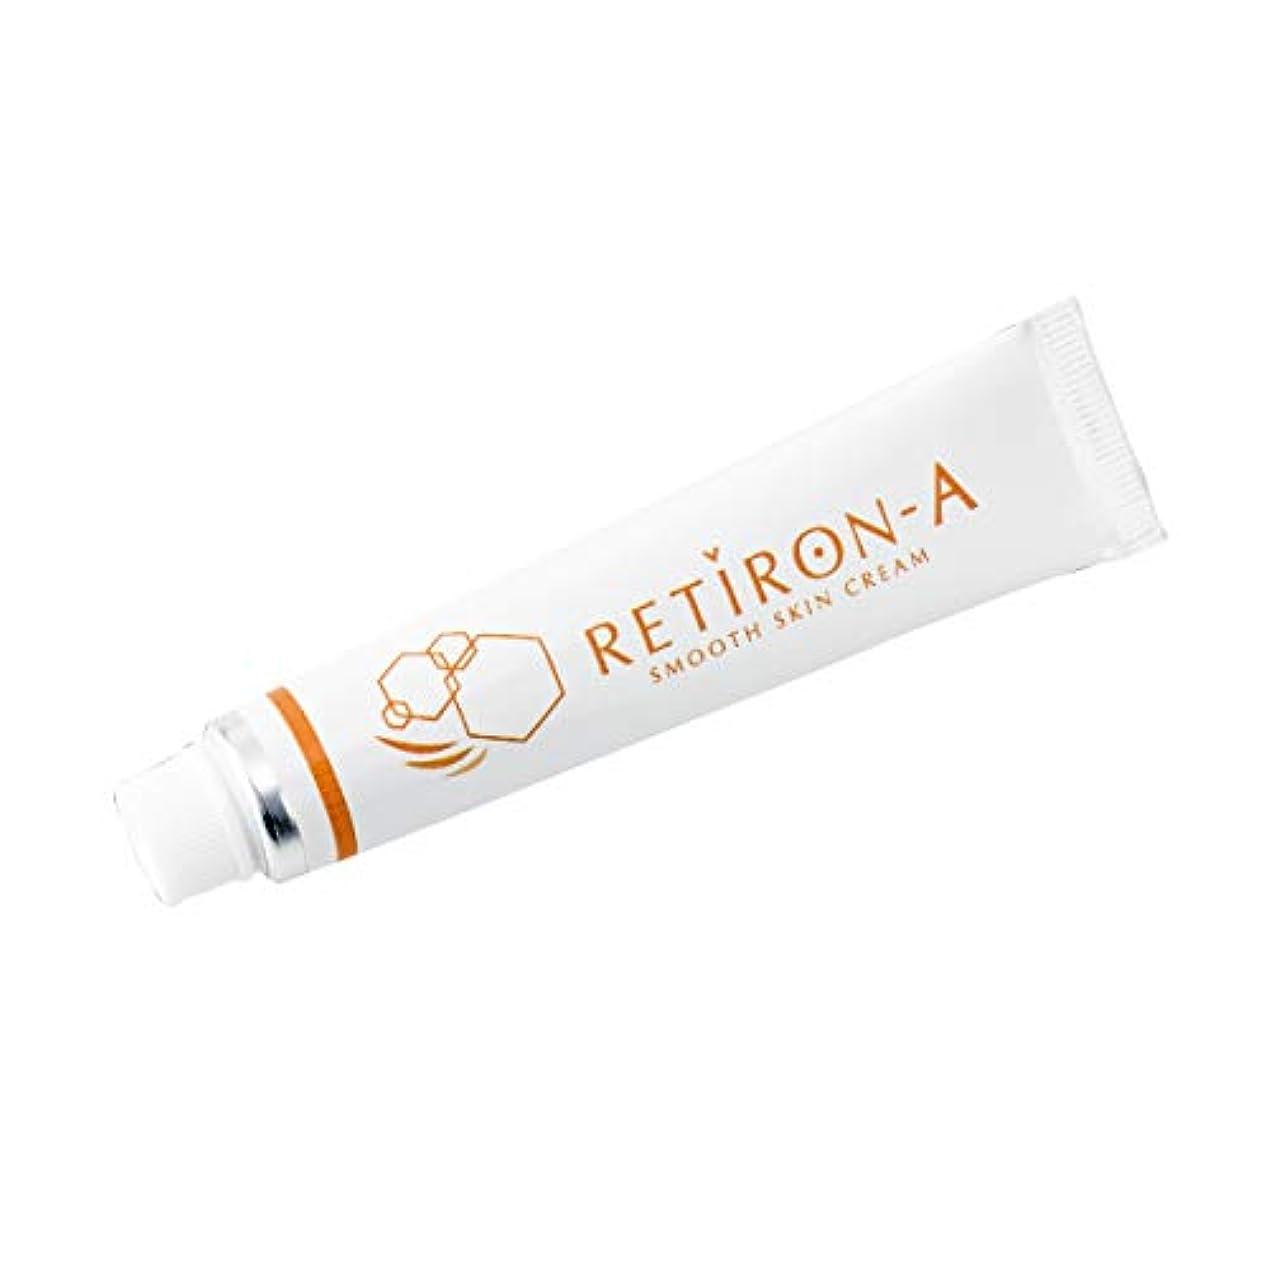 品機械的にアイロニークリーム 化粧品 レチノール配合 レチロンA パラベンフリー